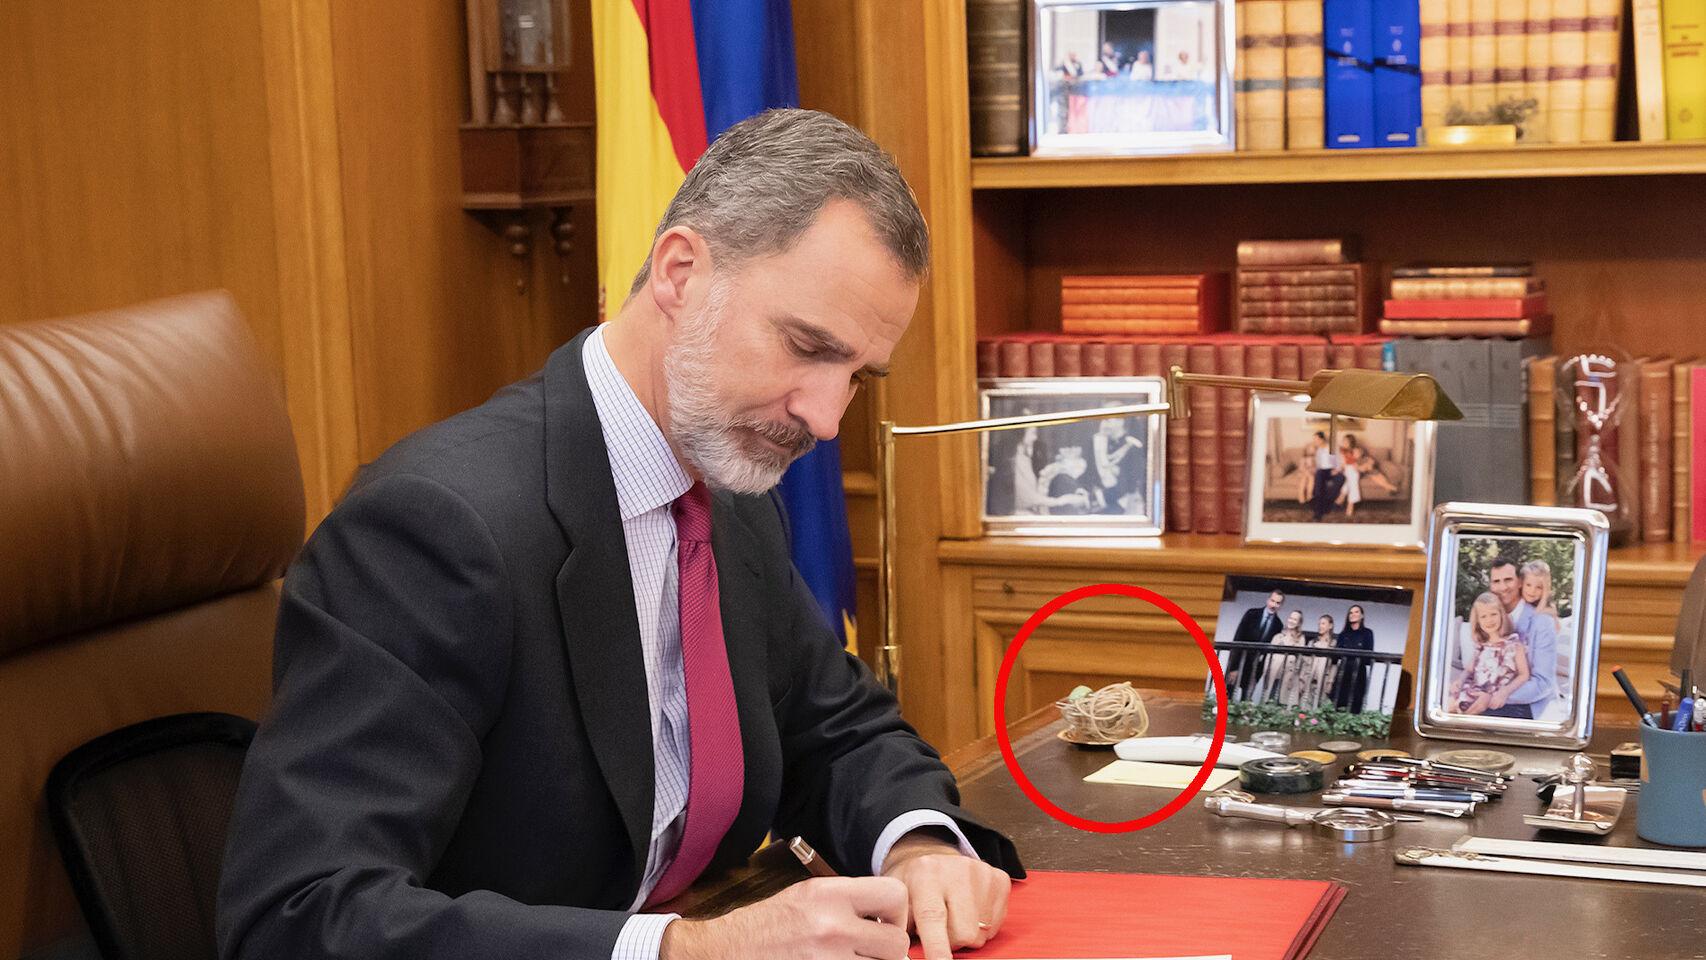 Felipe VI: El enigmático objeto que El Rey tiene en la mesa de su despacho provoca mil y un rumores